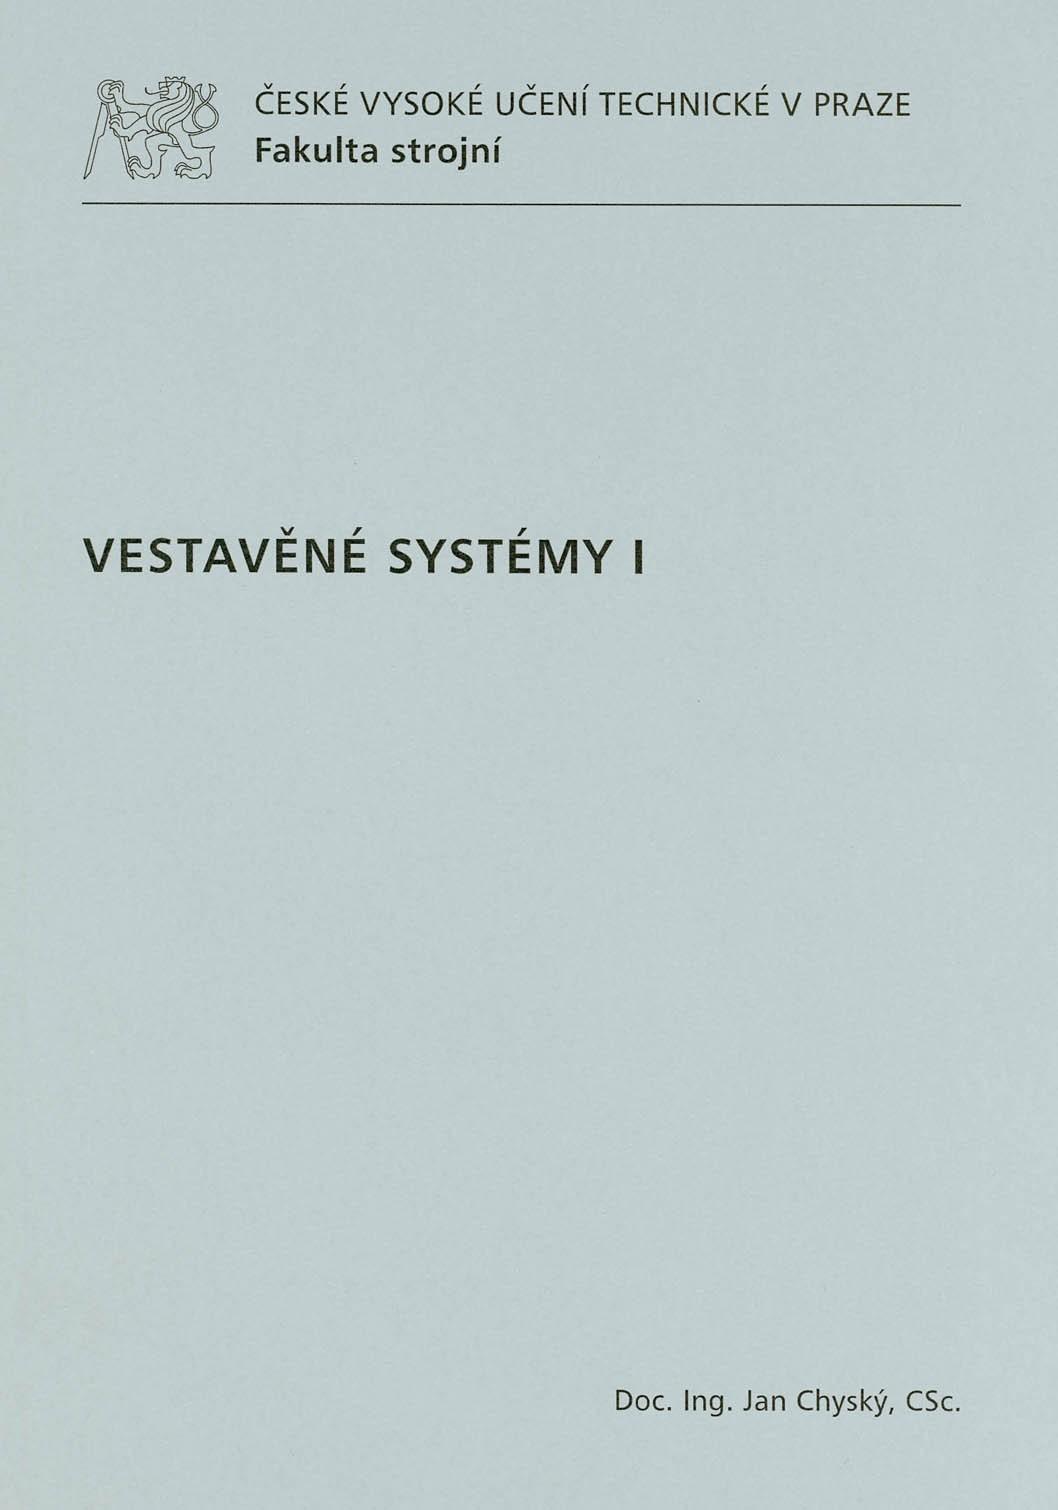 Vestavěné systémy I